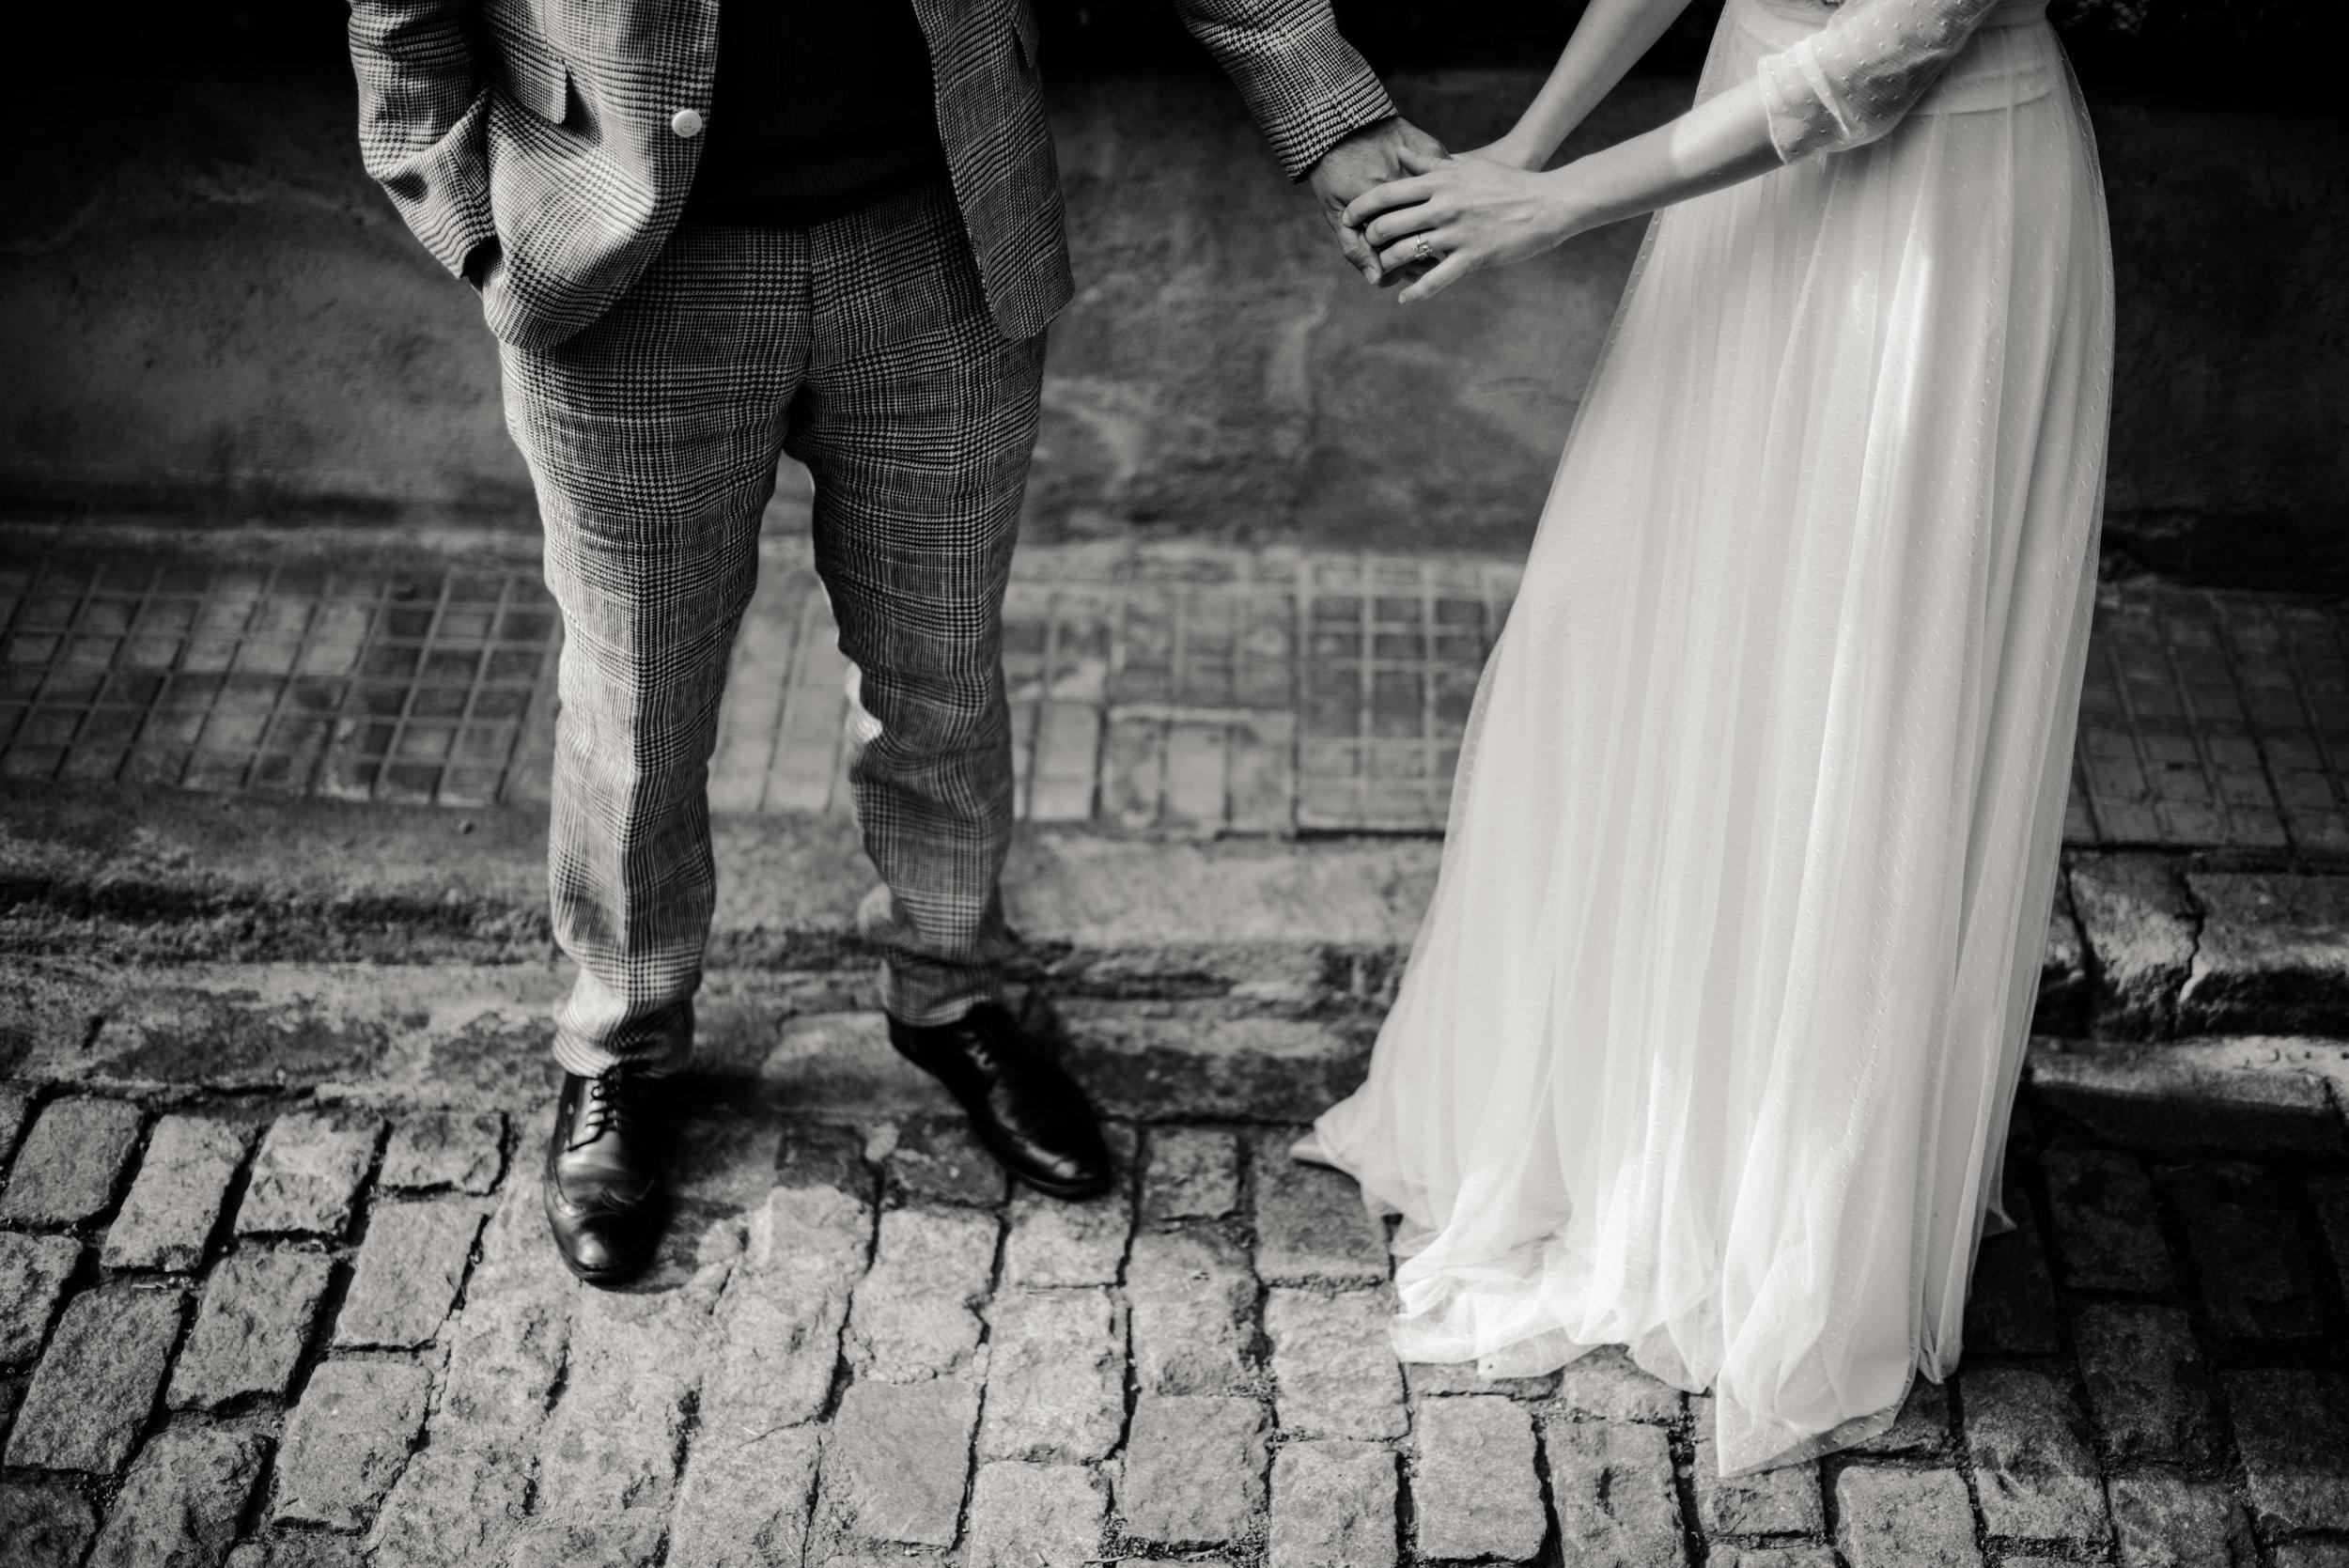 Léa-Fery-photographe-professionnel-lyon-rhone-alpes-portrait-creation-mariage-evenement-evenementiel-famille-4114.jpg